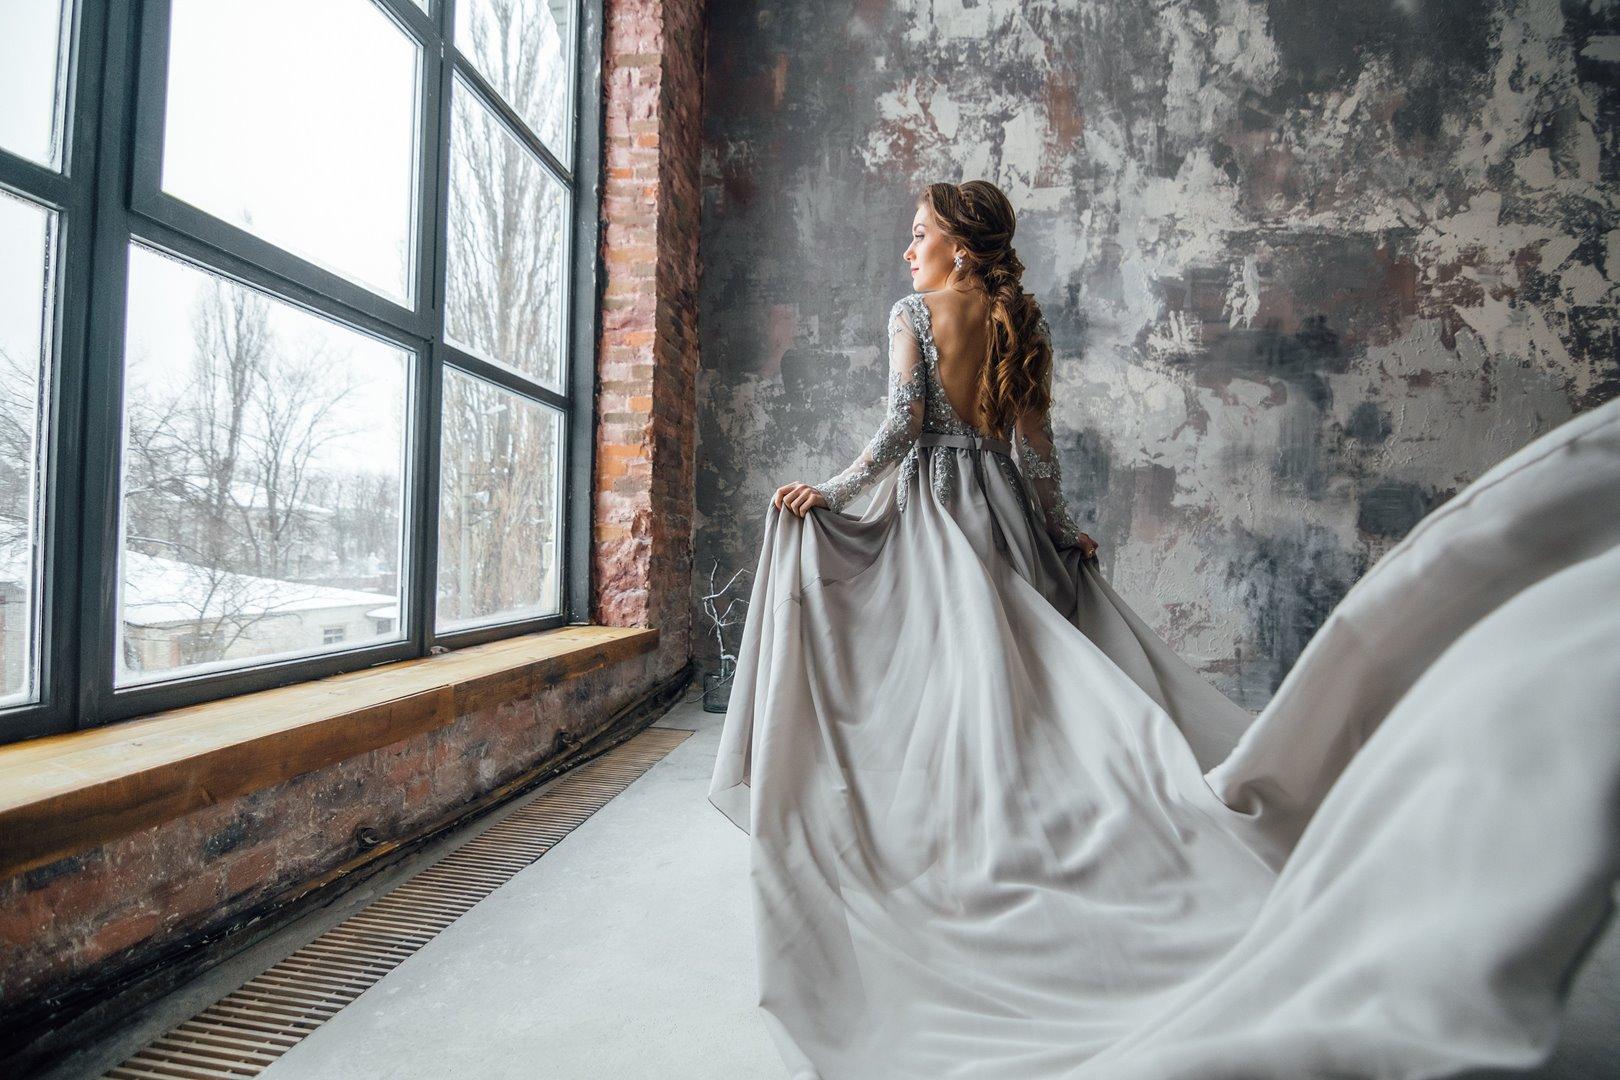 Vrouw in grijze jurk kijkt door raam naar buiten